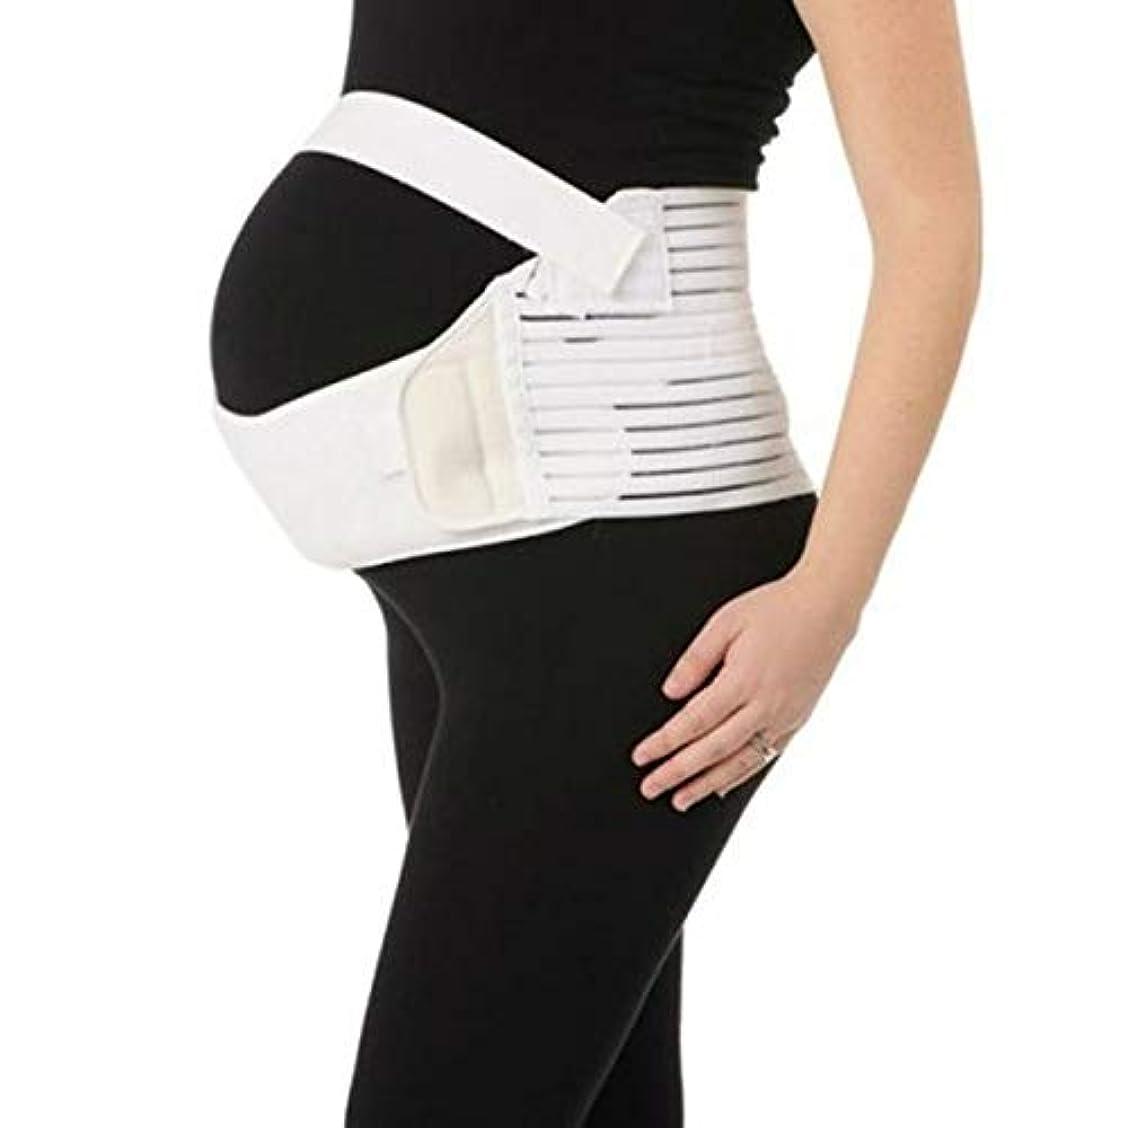 外部降下女将通気性マタニティベルト妊娠腹部サポート腹部バインダーガードル運動包帯産後の回復shapewear - ホワイトL